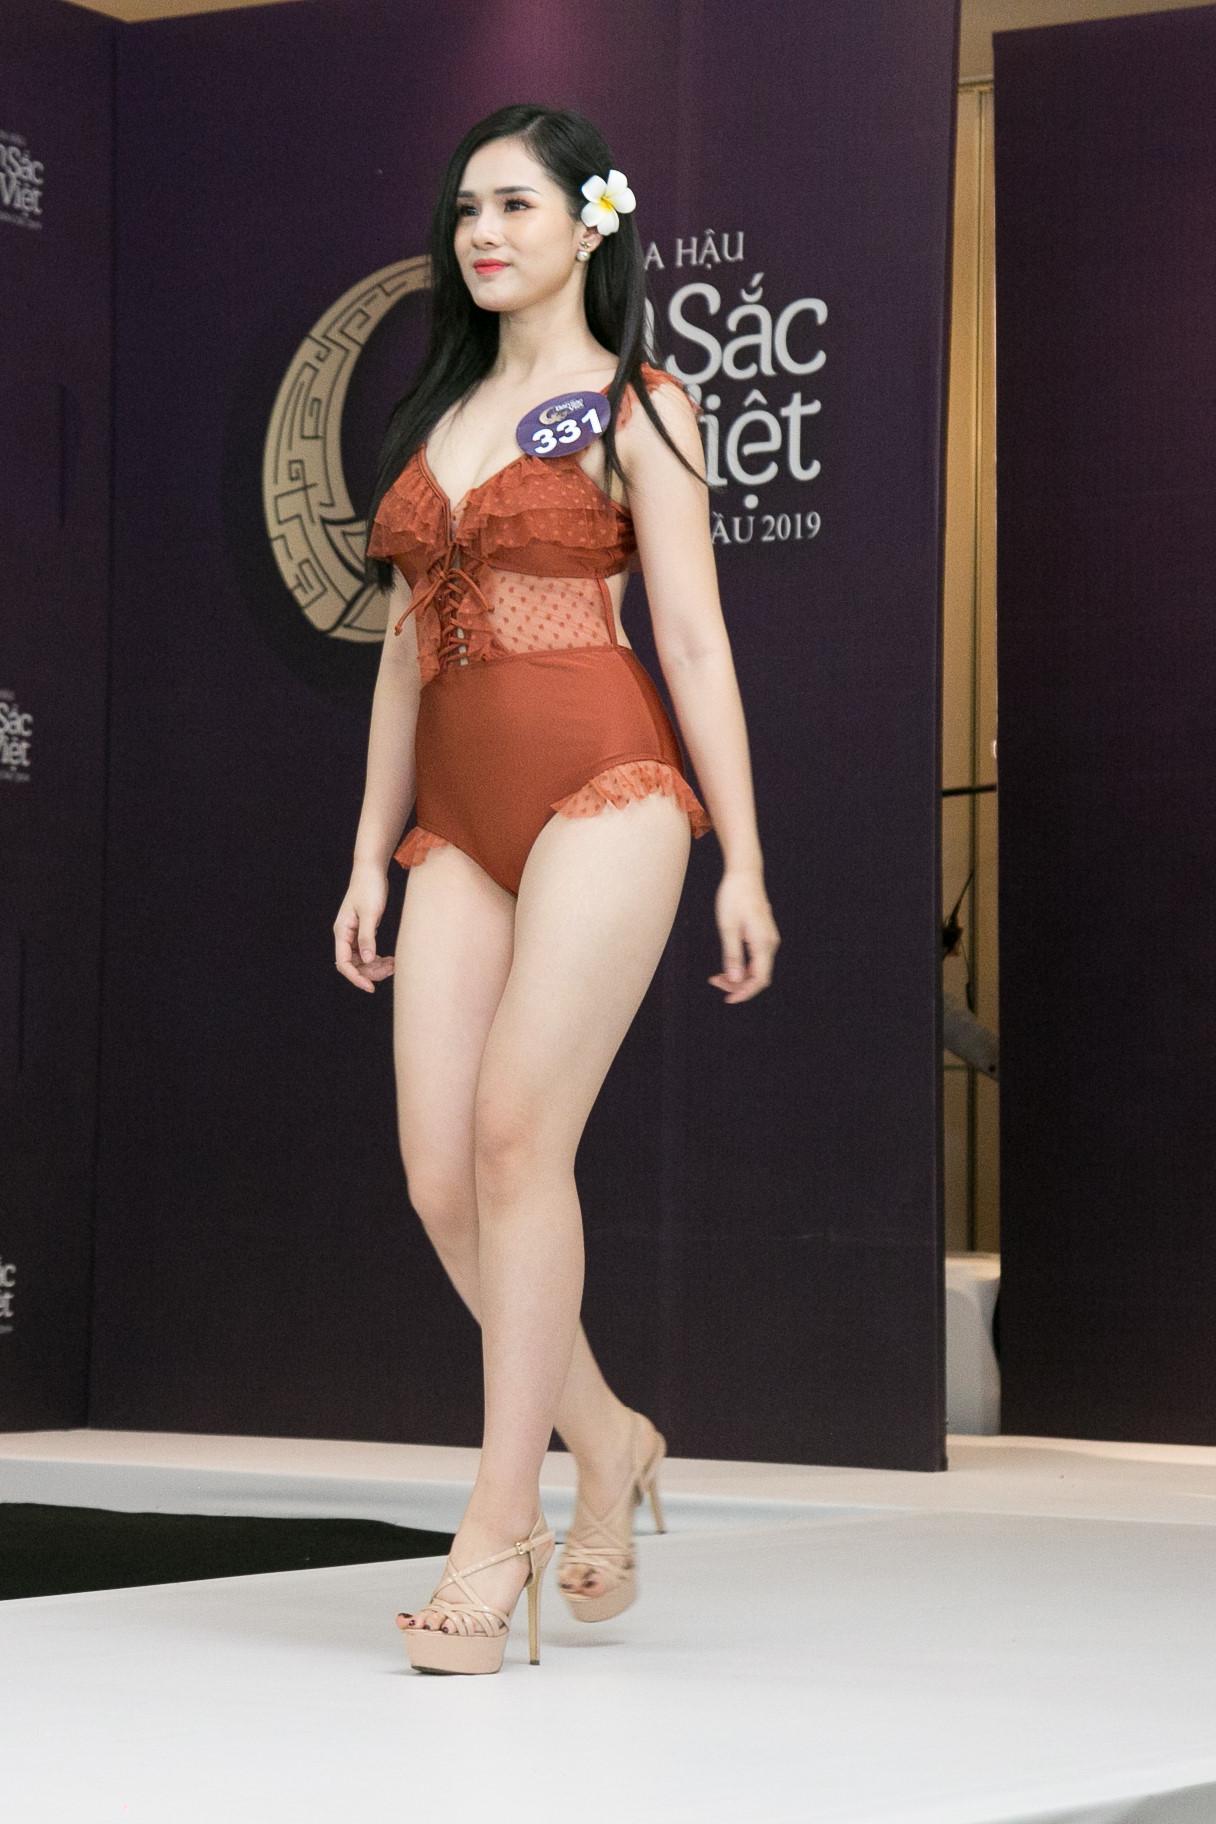 Thí sinh Hoa hậu Bản sắc Việt mặc áo tắm thi hình thể: Mặt xinh, eo to-1